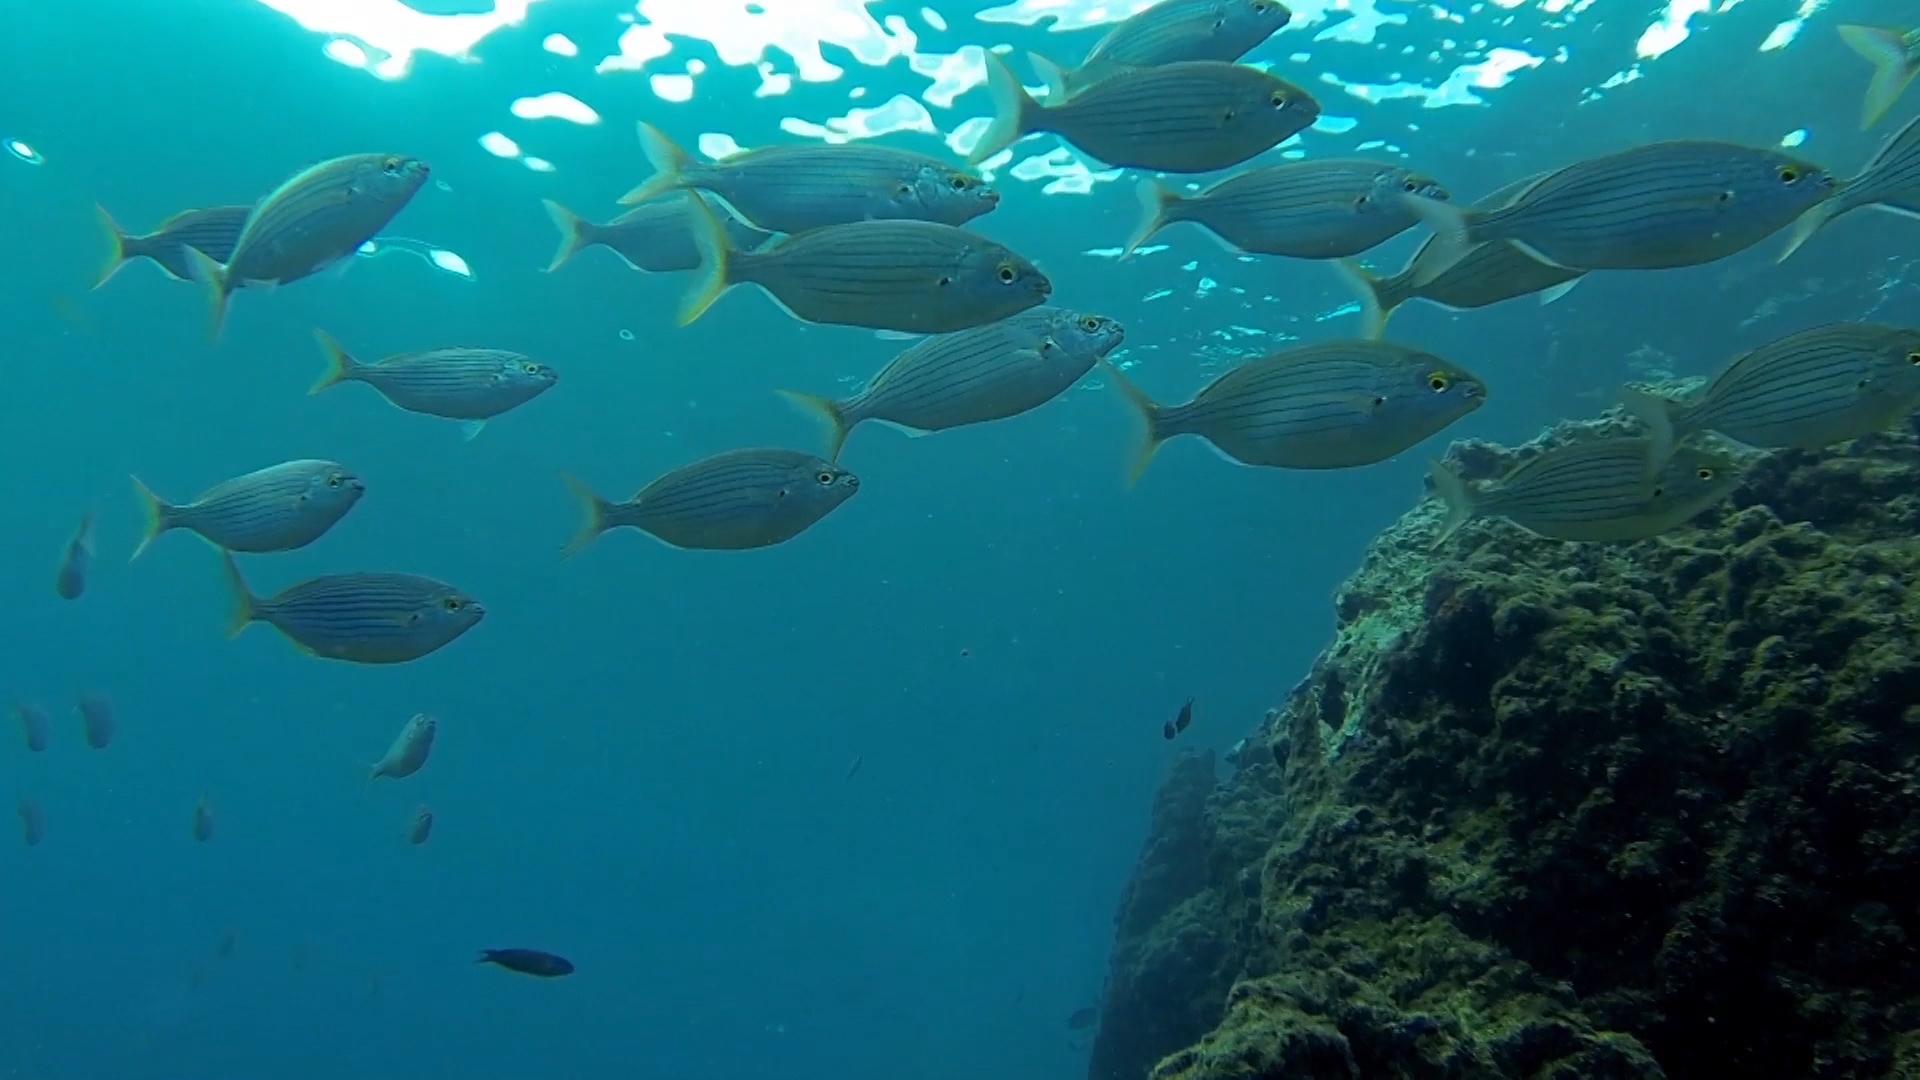 Las salpas son grandes protectoras de los fondos marinos.